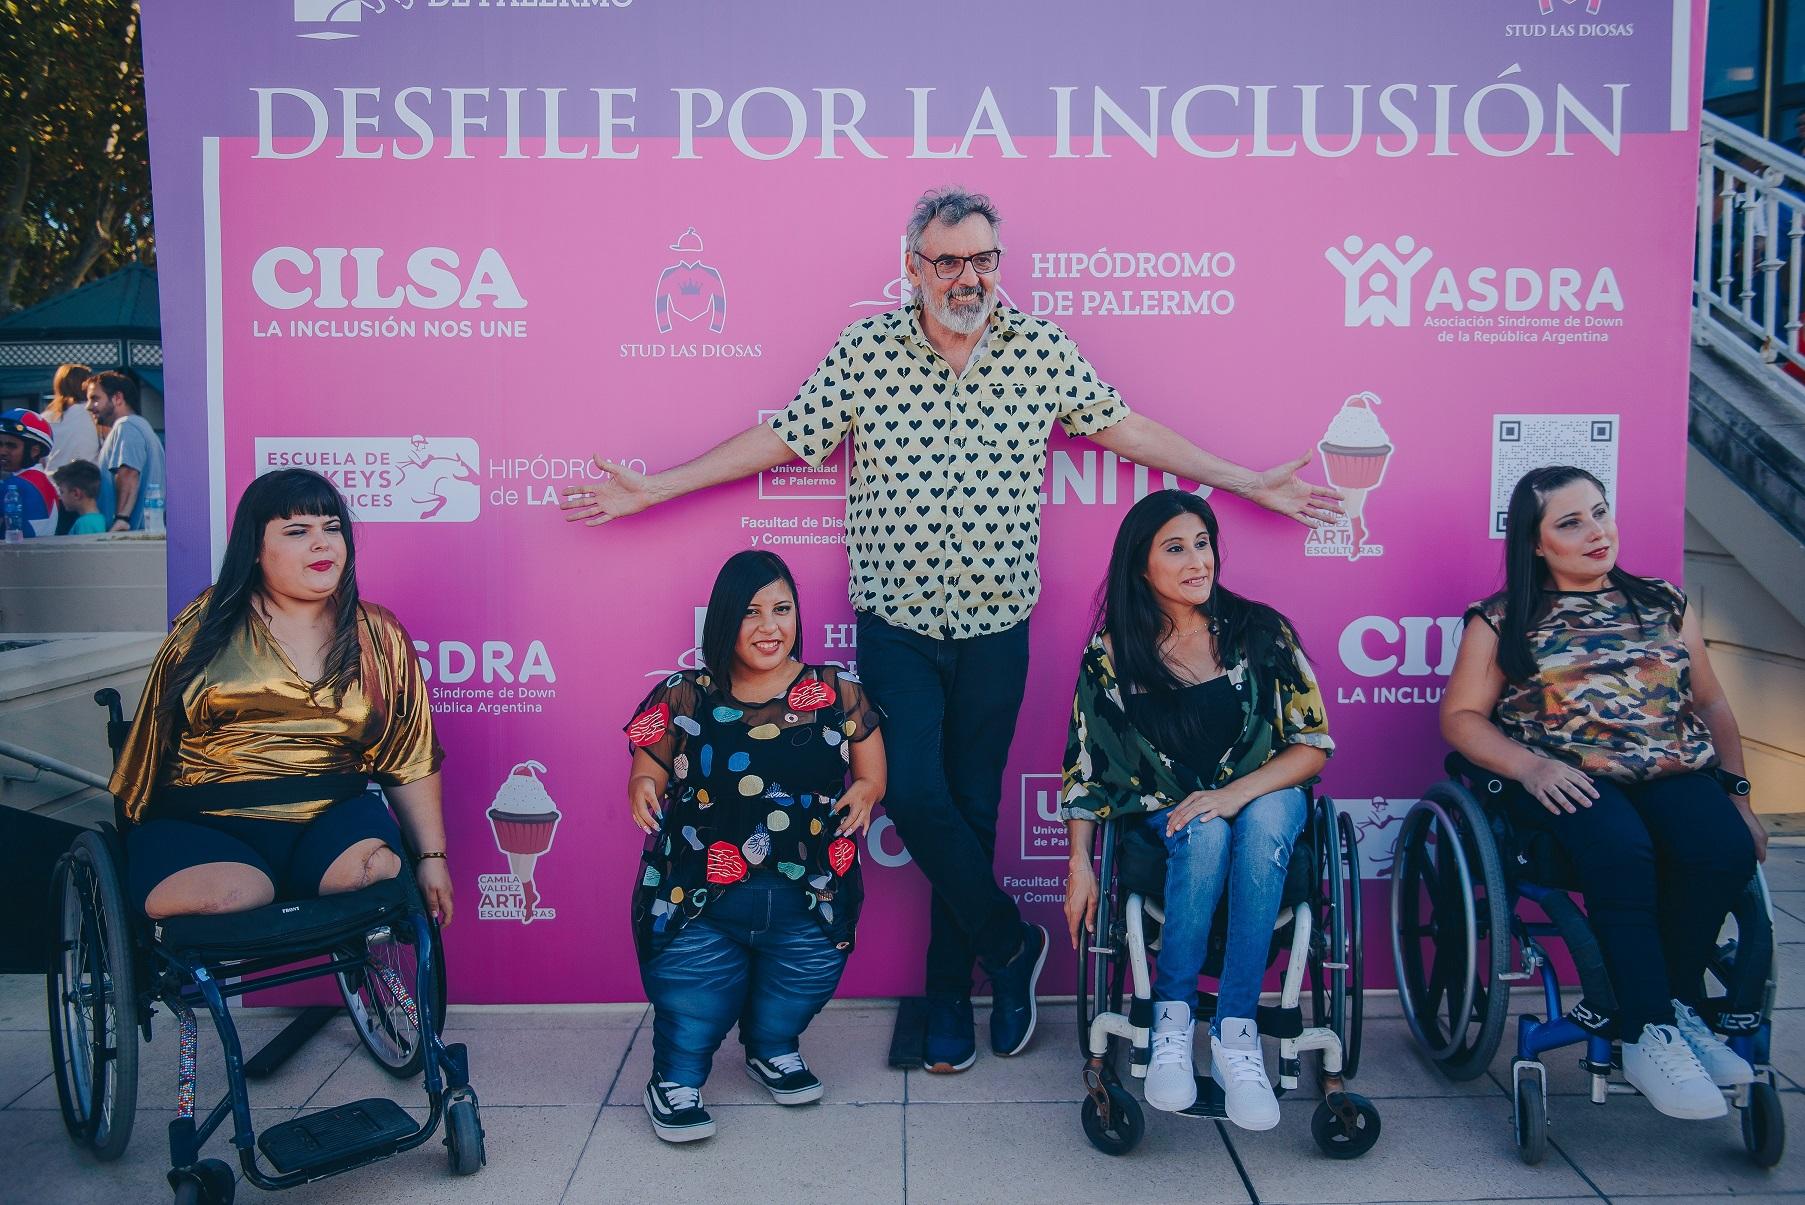 Mujeres reales en benéfico desfile por la inclusión